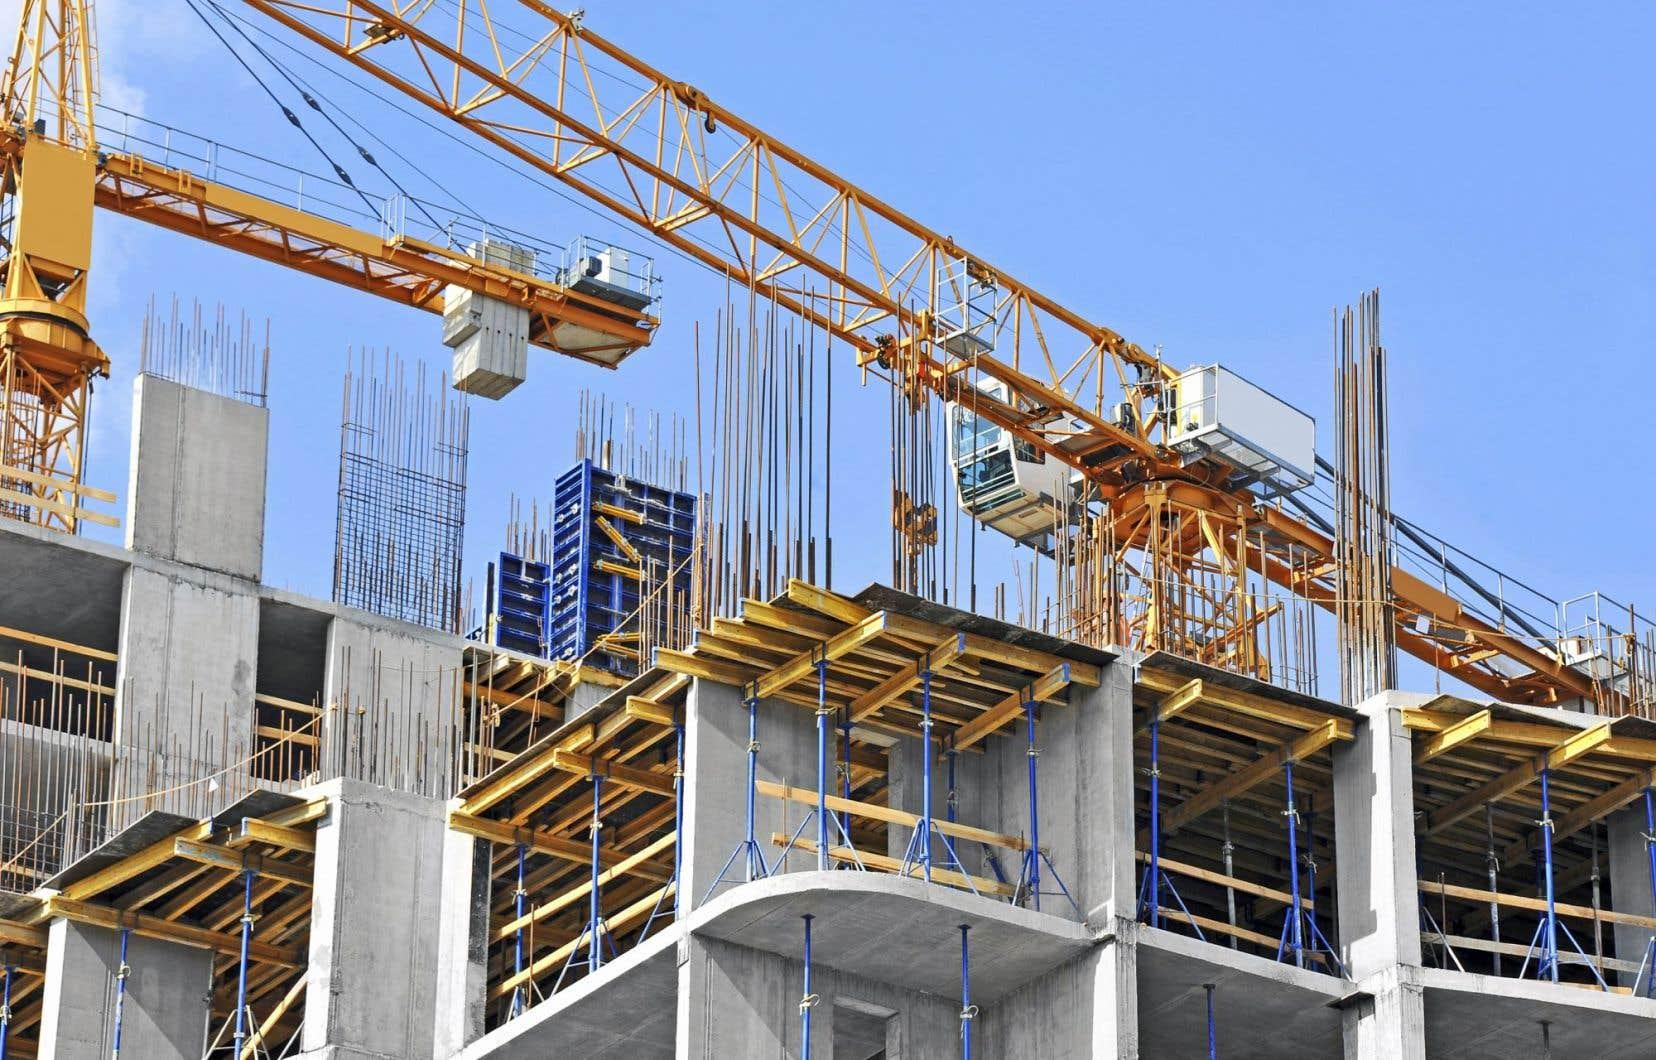 Le nombre mensuel désaisonnalisé et annualisé de mises en chantier avait atteint 253720 en mars, alors qu'il s'était chiffré à 214253 en février.